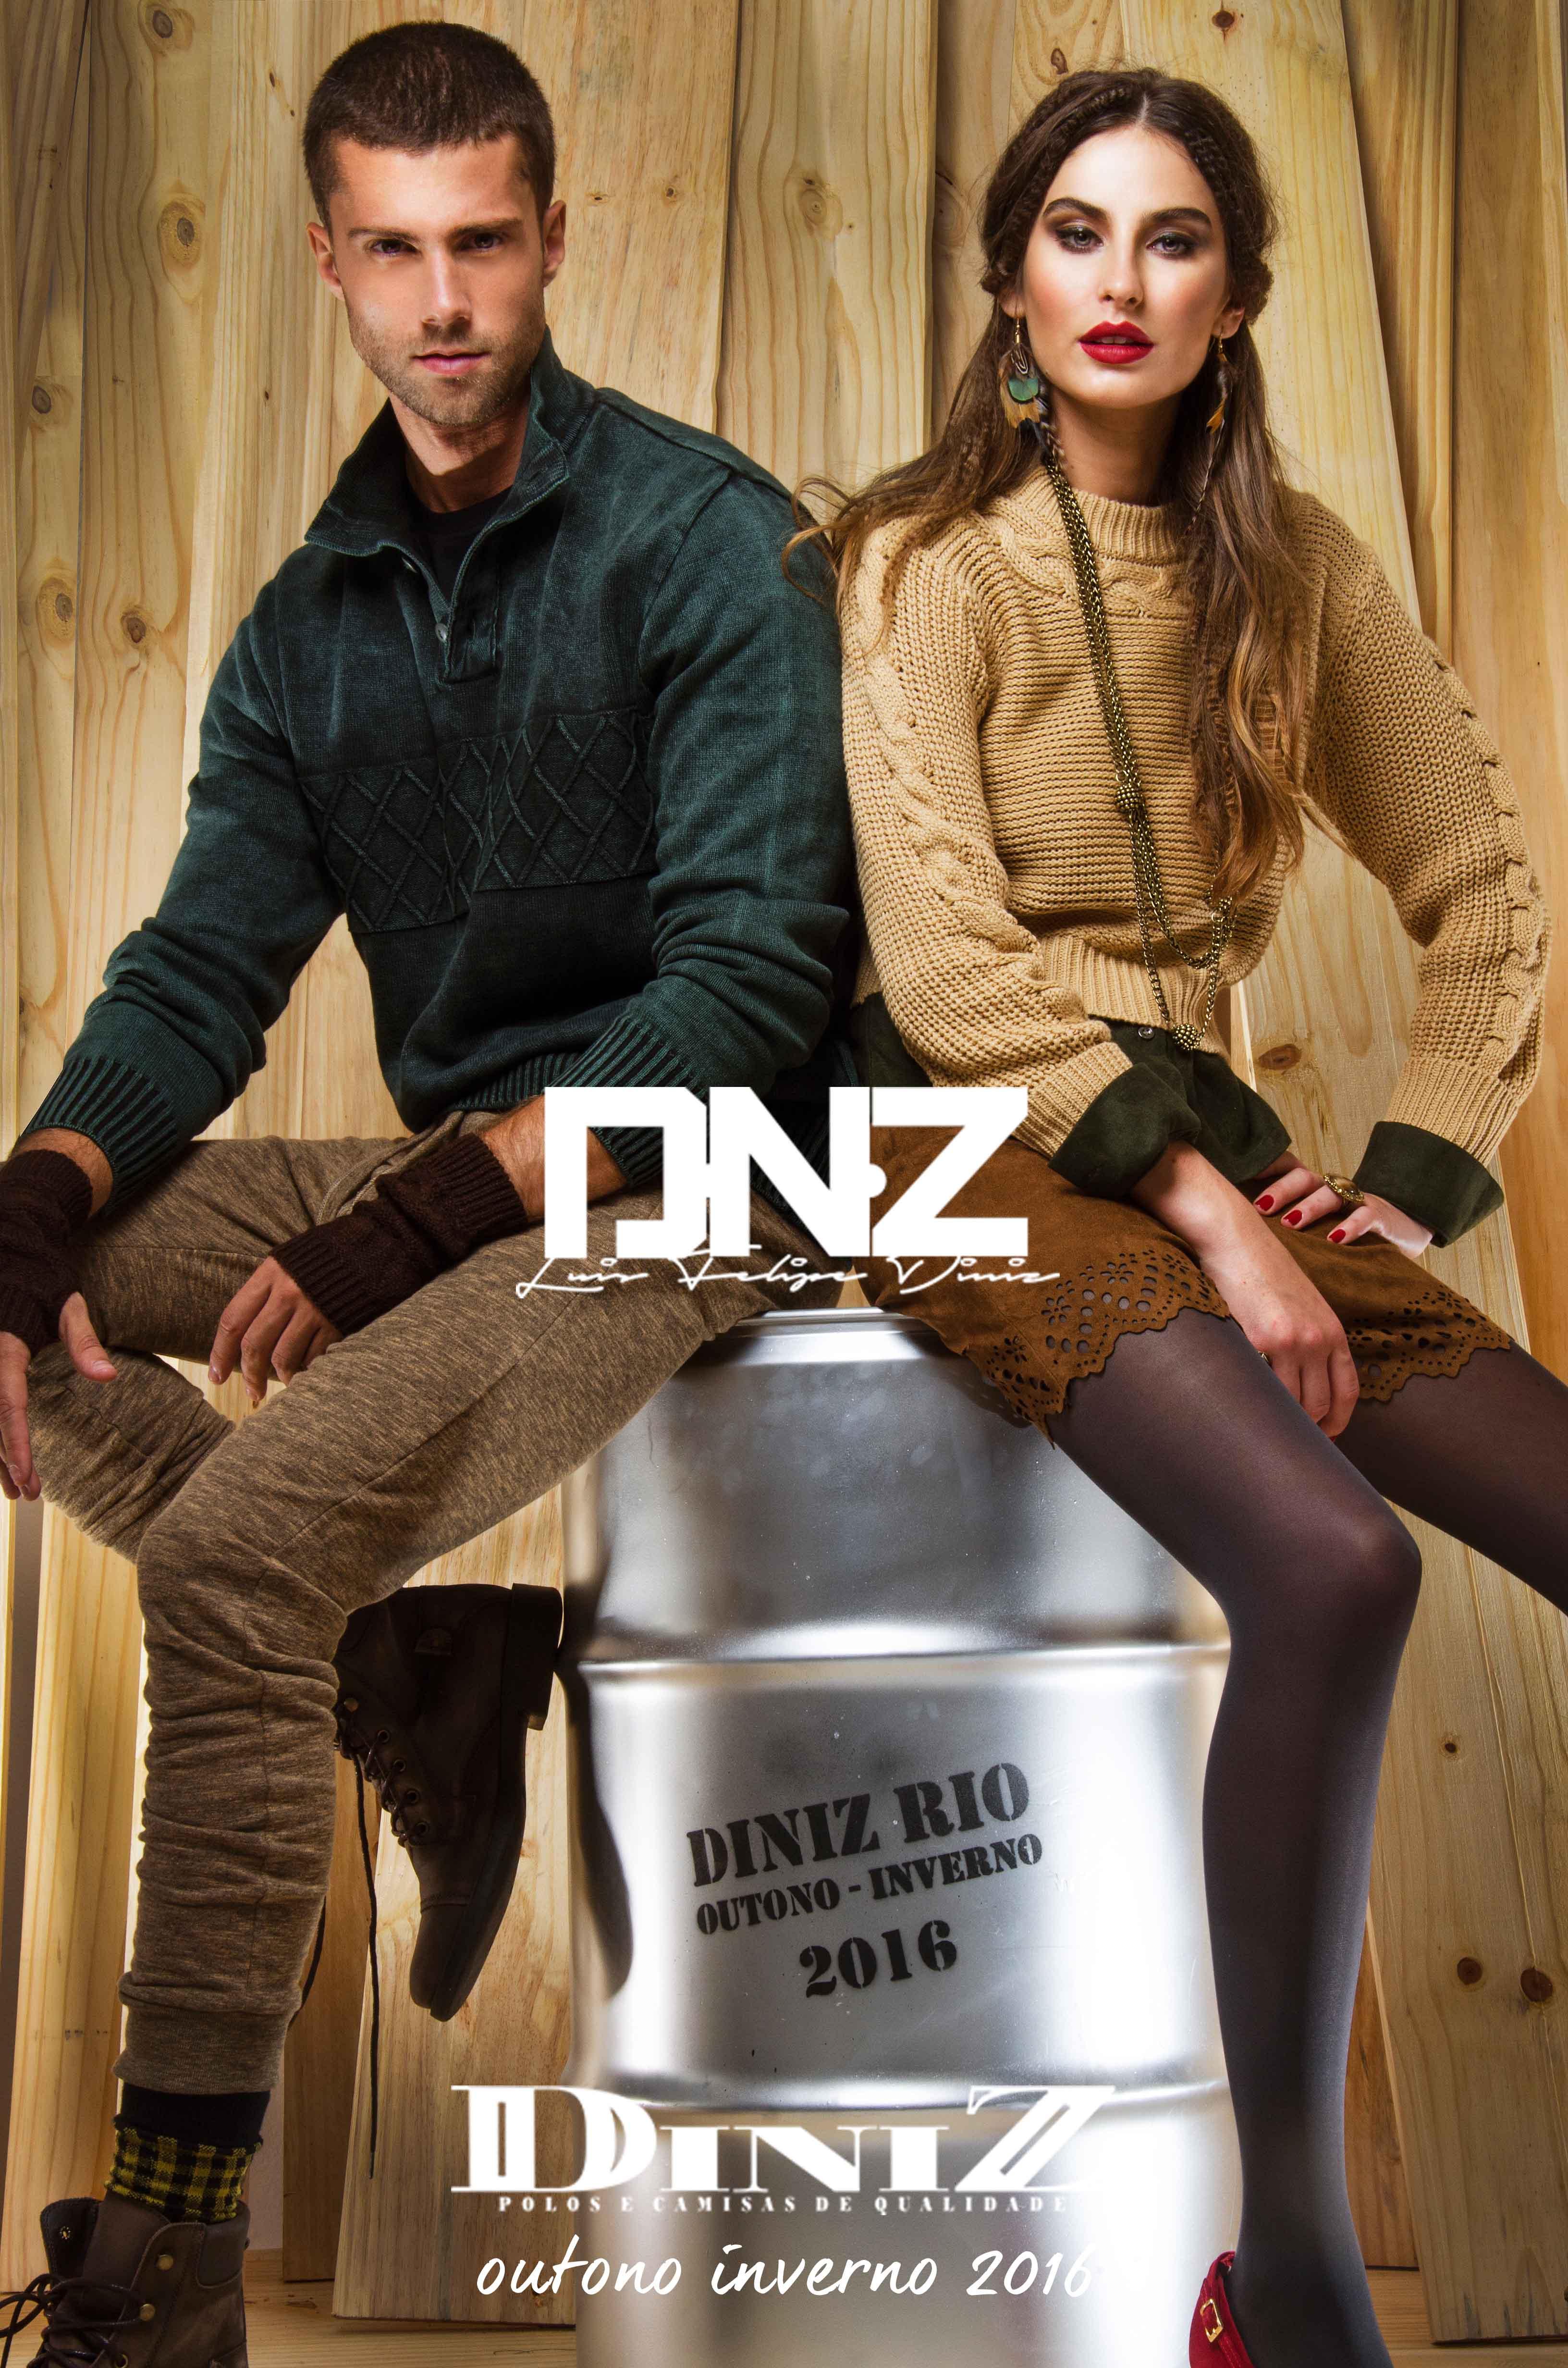 FELIPE RUFINO + DINIZ RIO